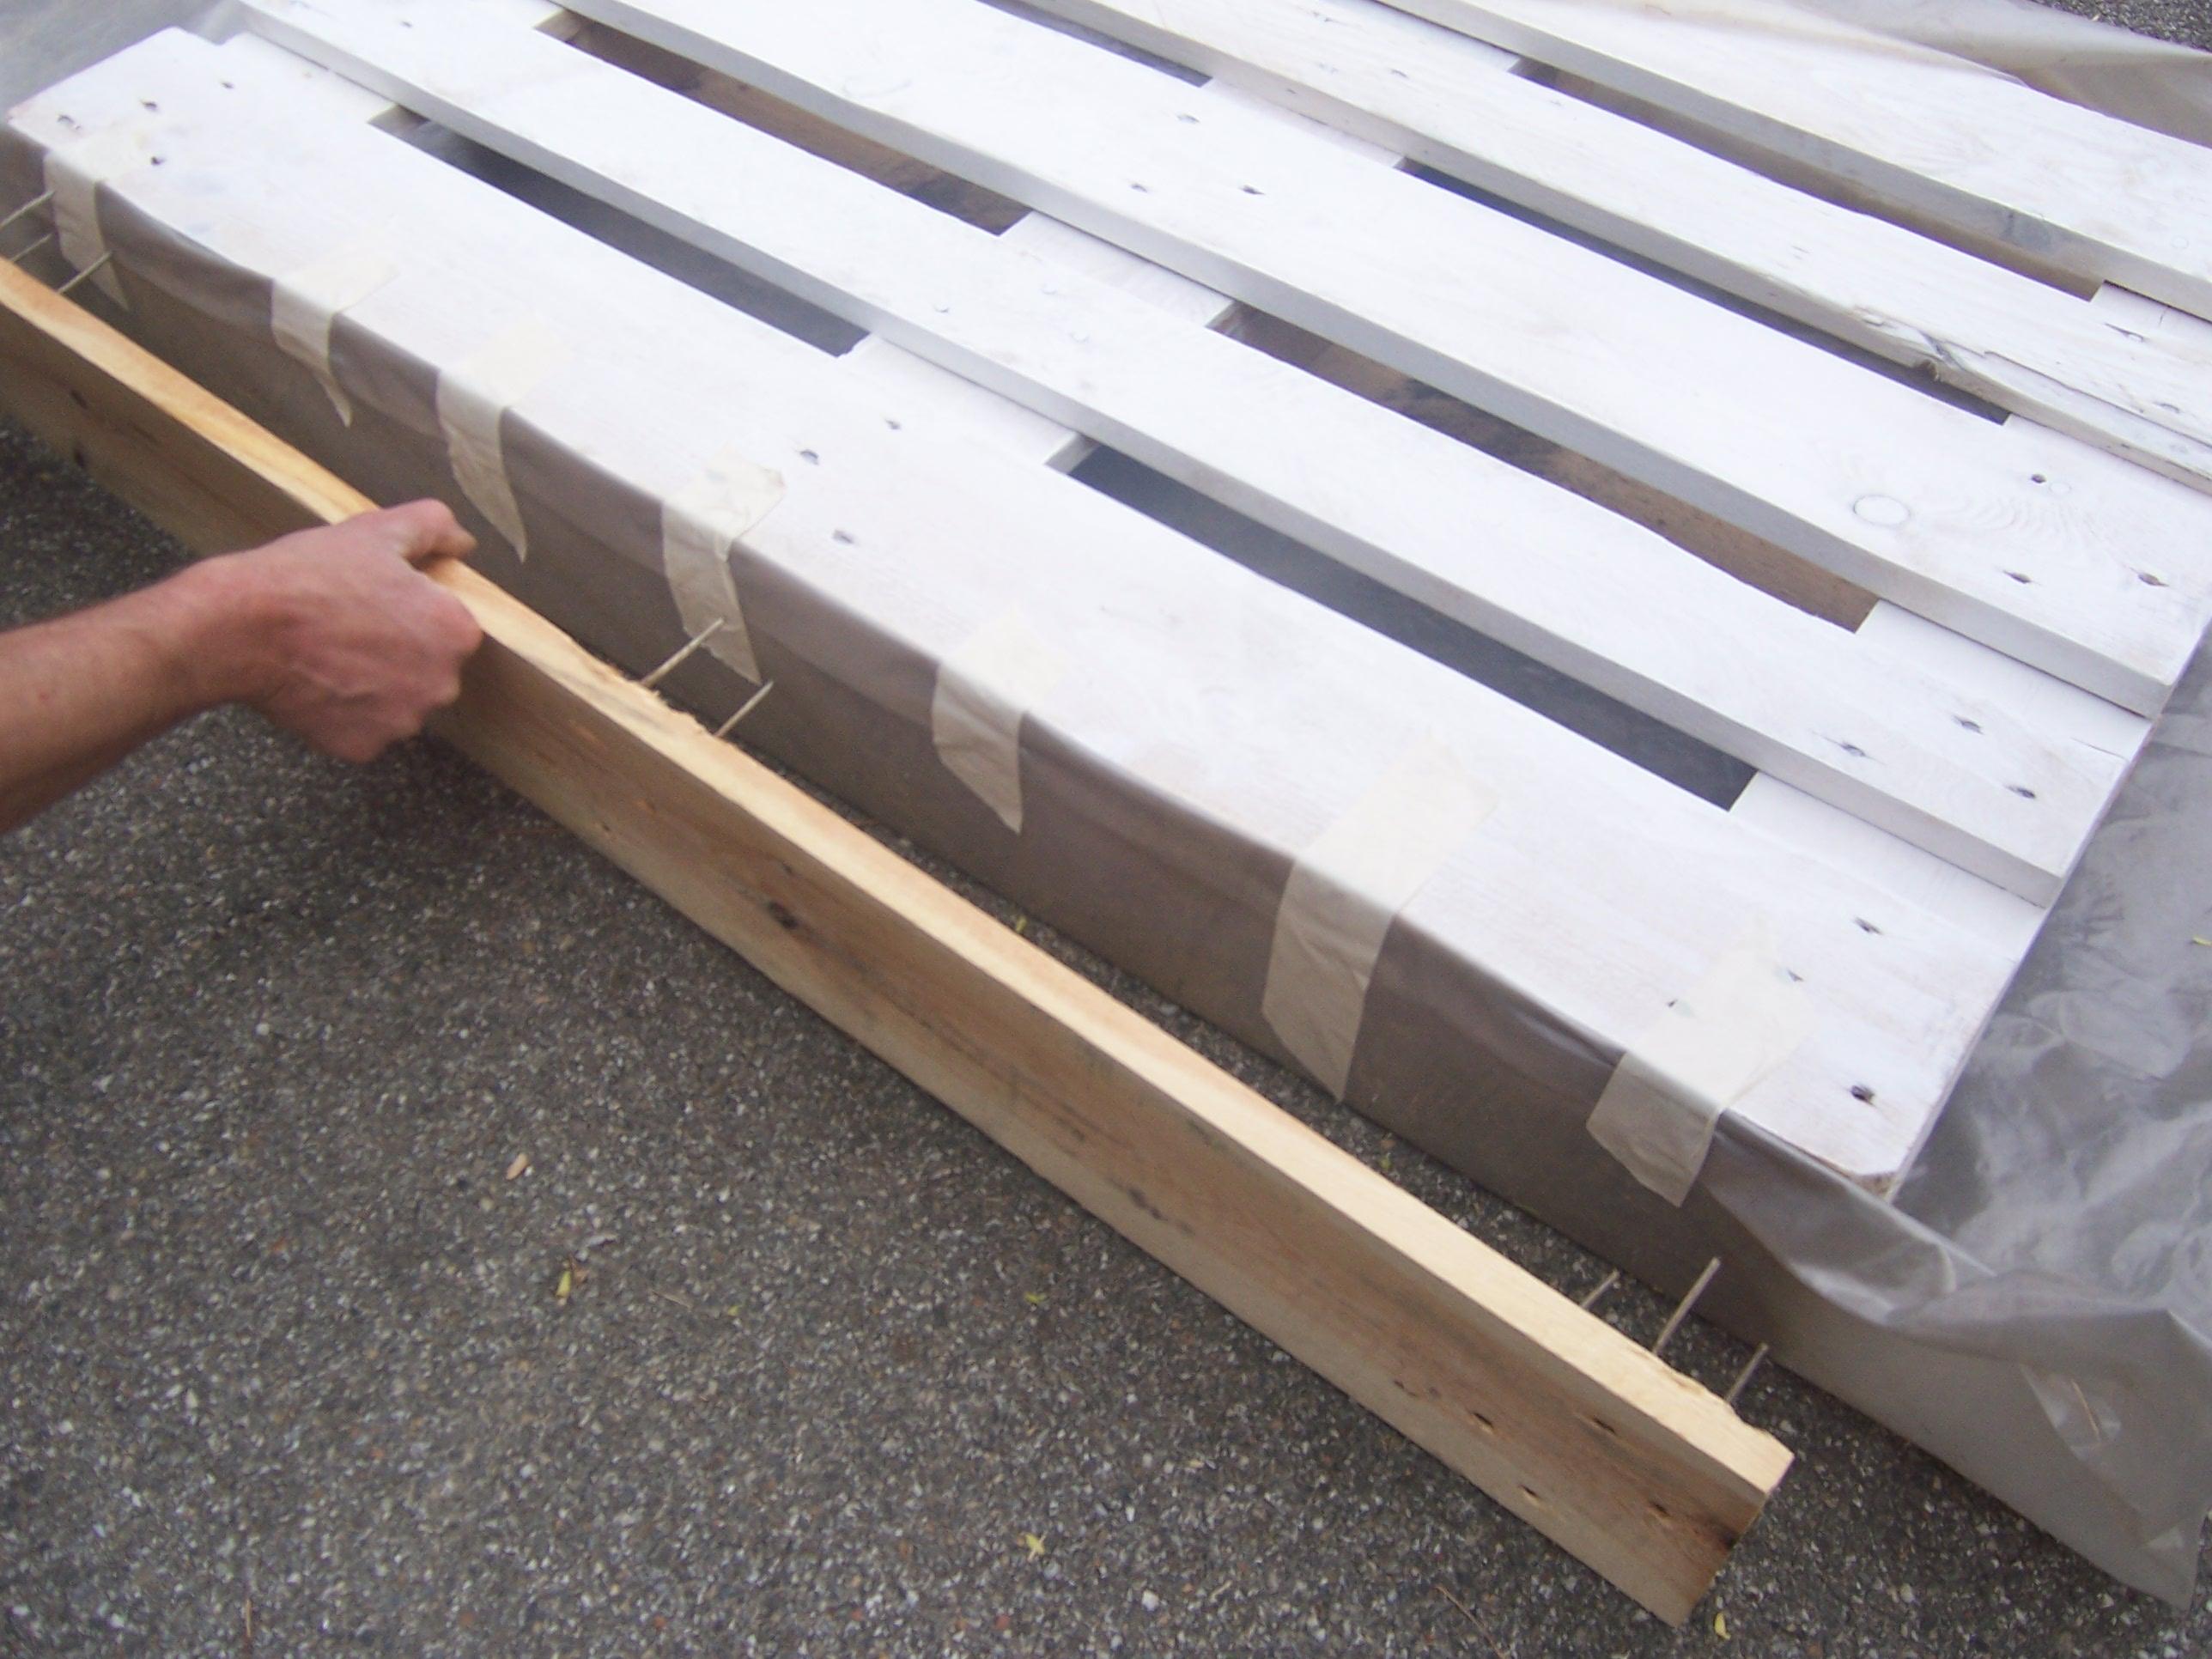 Come trasformare un bancale in un giardino verticale seminterra - Come realizzare un giardino verticale ...